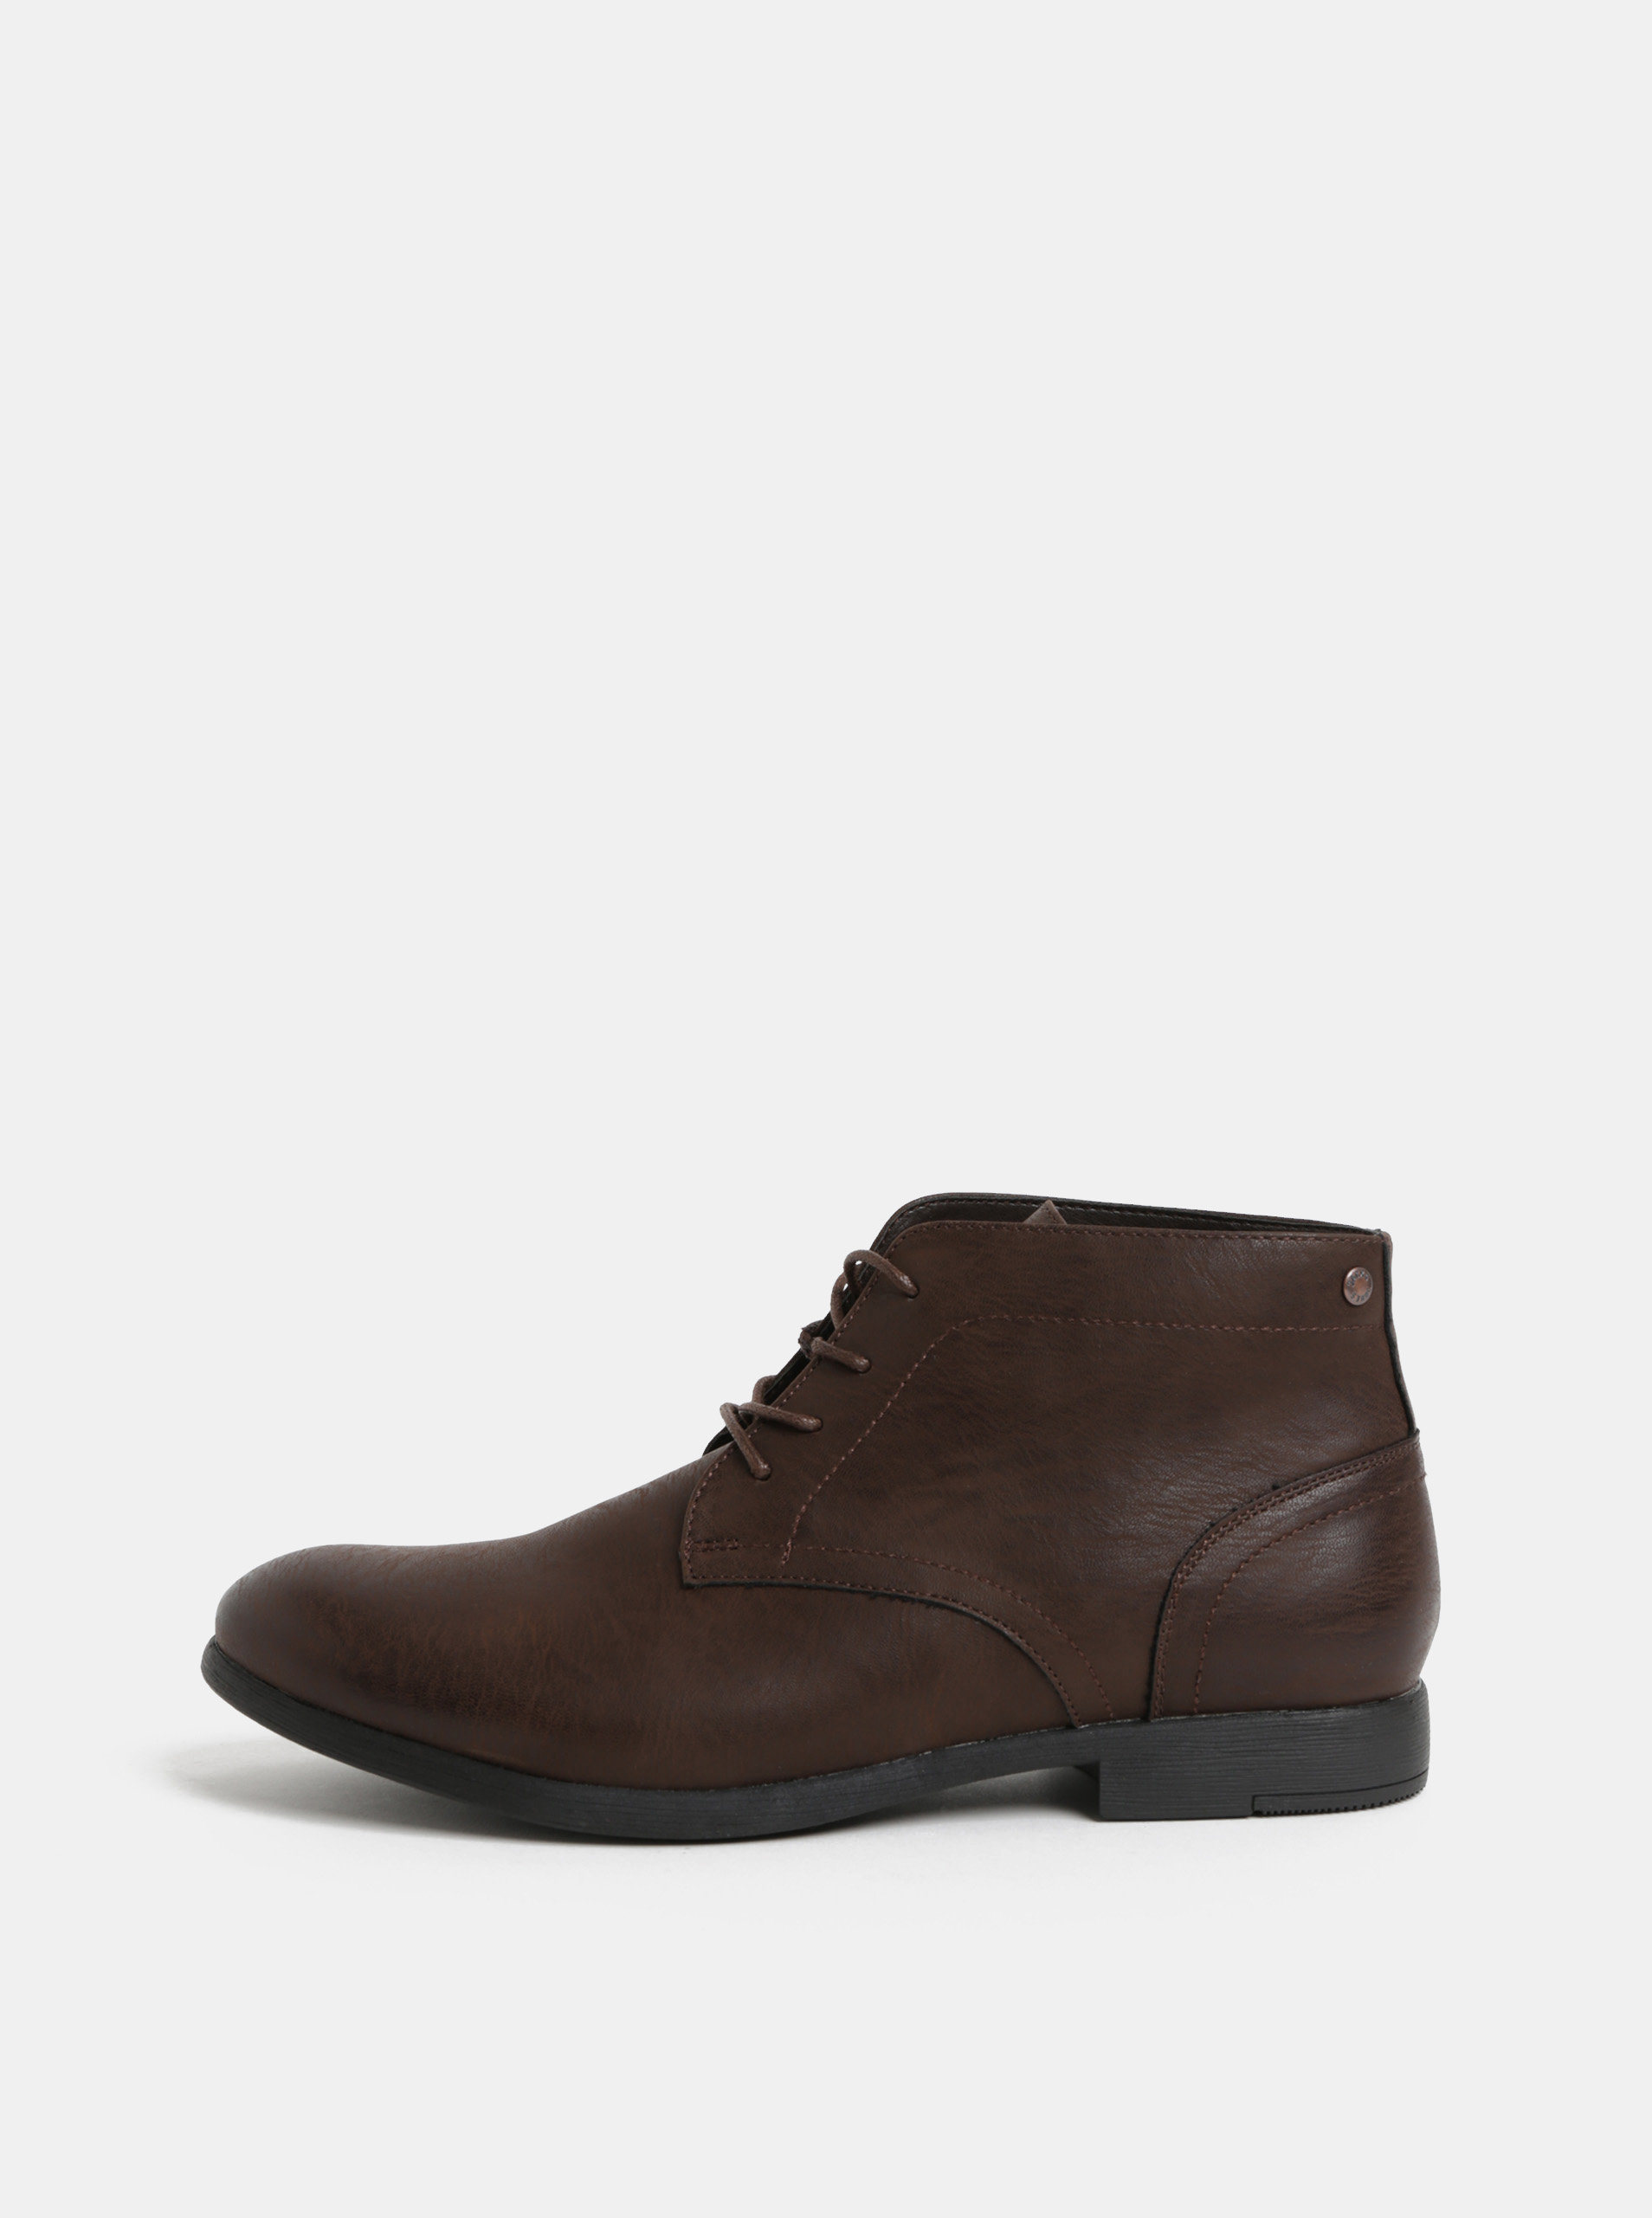 Hnědé pánské kotníkové boty Jack   Jones Desmond ... af79aa248a